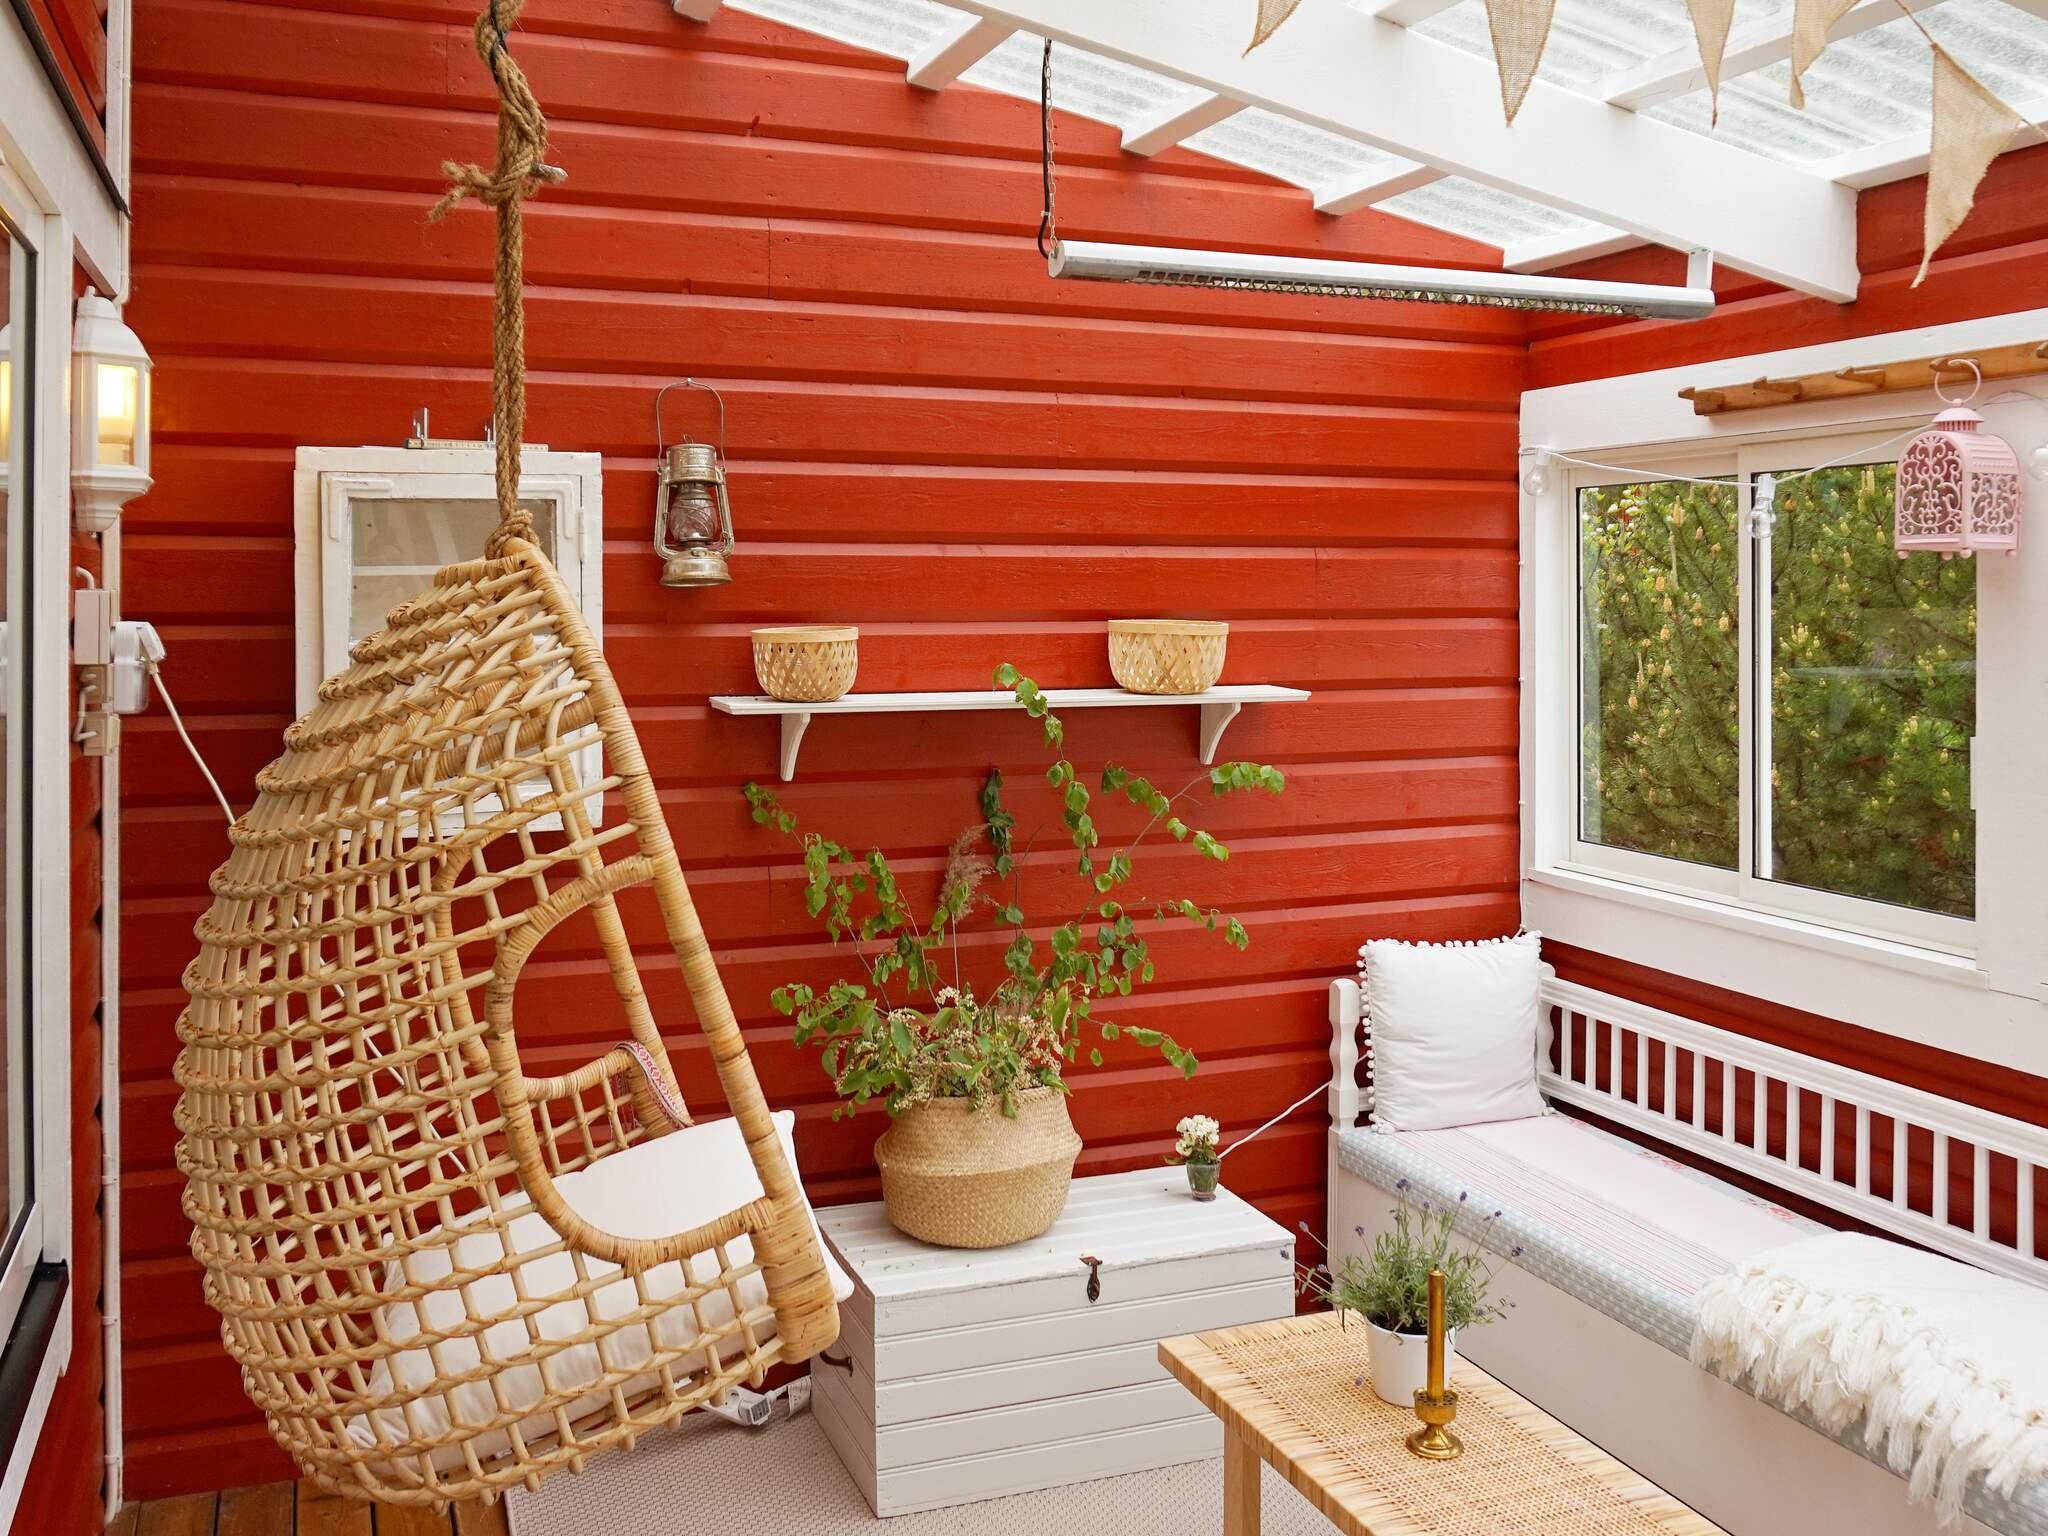 Ferienhaus Kolsva (2636835), Kolsva, Västmanlands län, Mittelschweden, Schweden, Bild 11